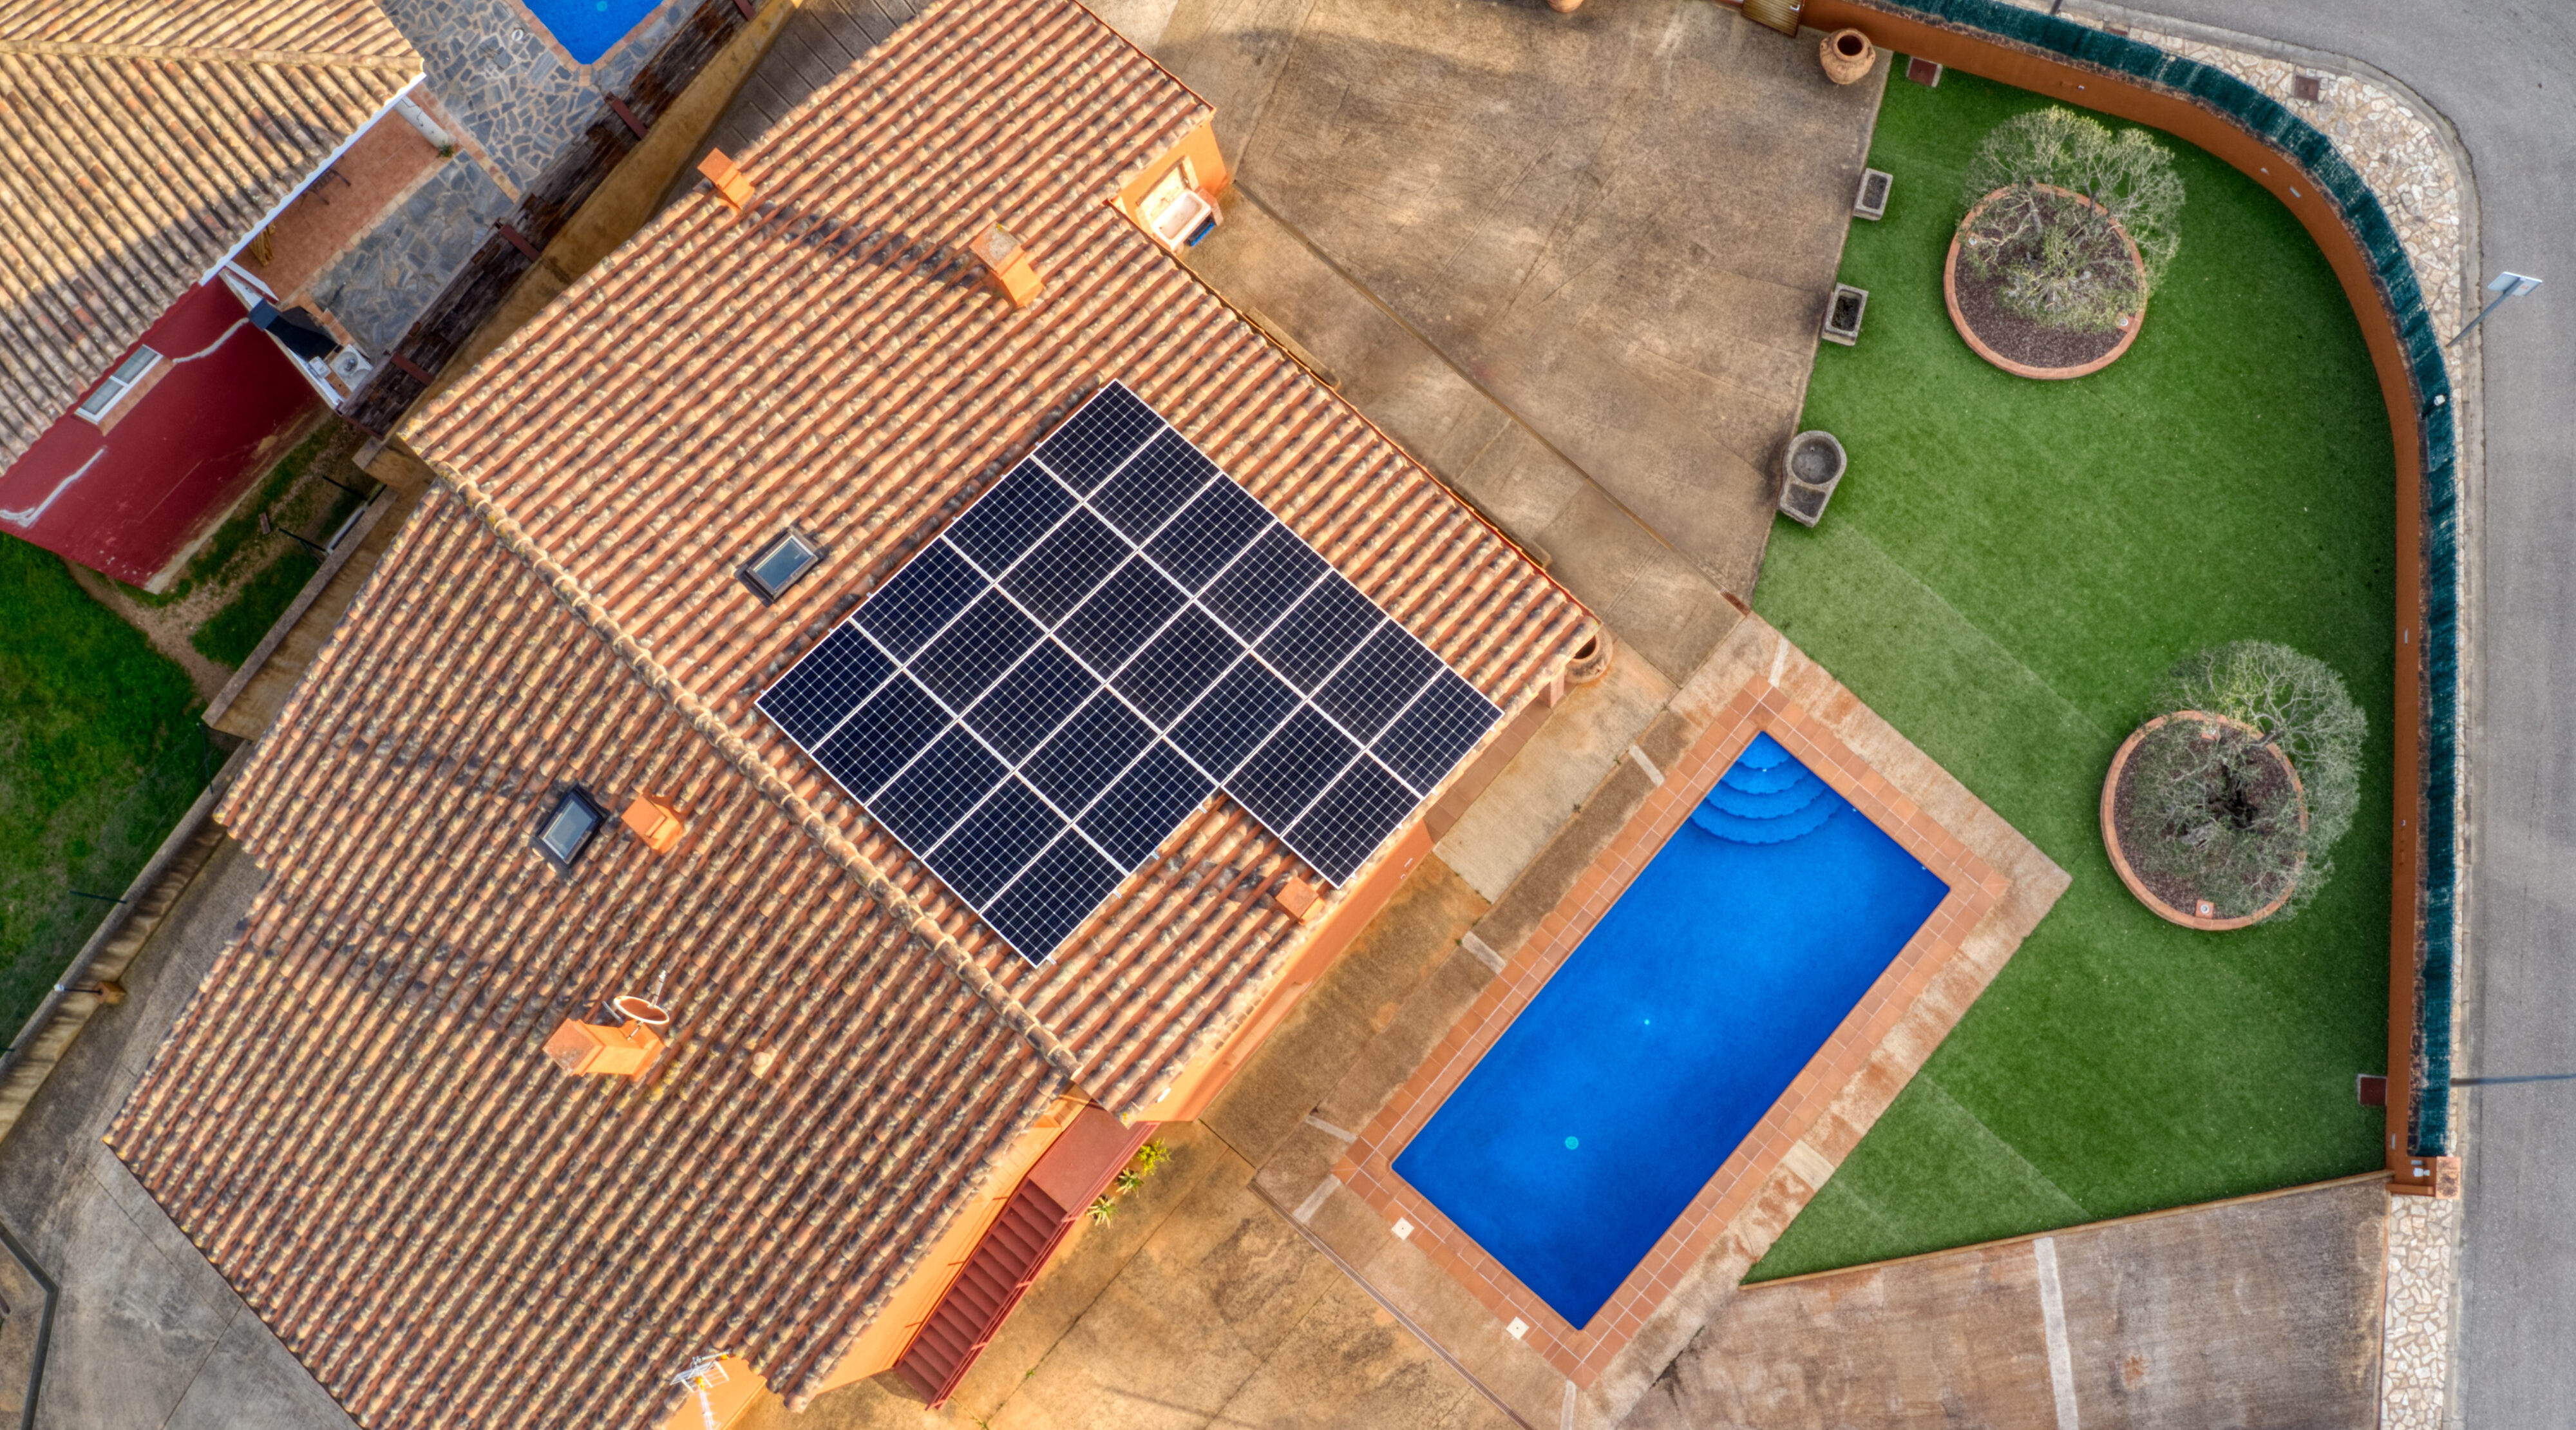 La rentabilidad del autoconsumo solar se dispara en España